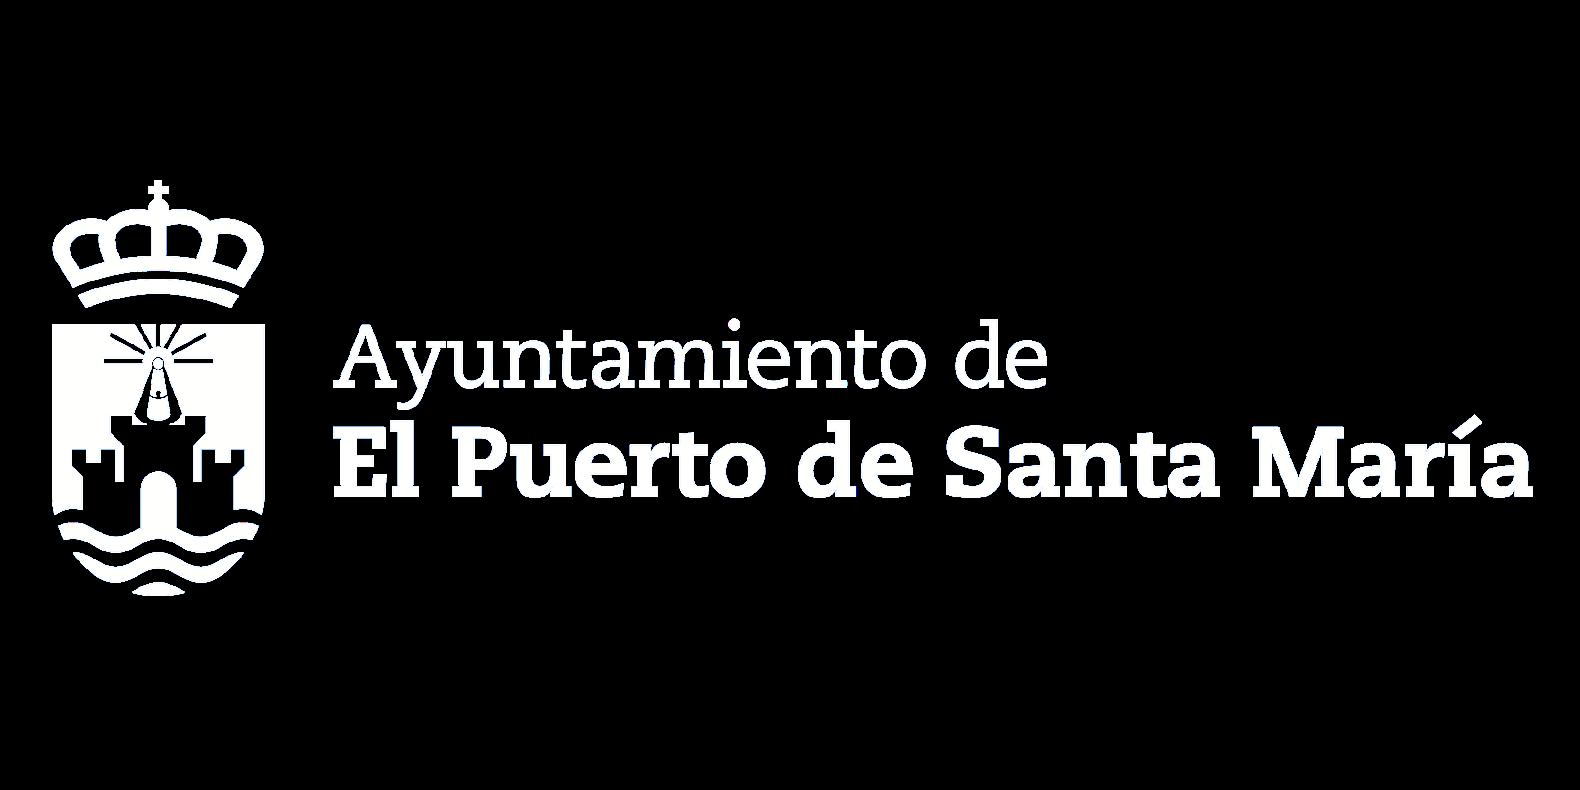 logo del ayuntamiento de El Puerto de Santa María